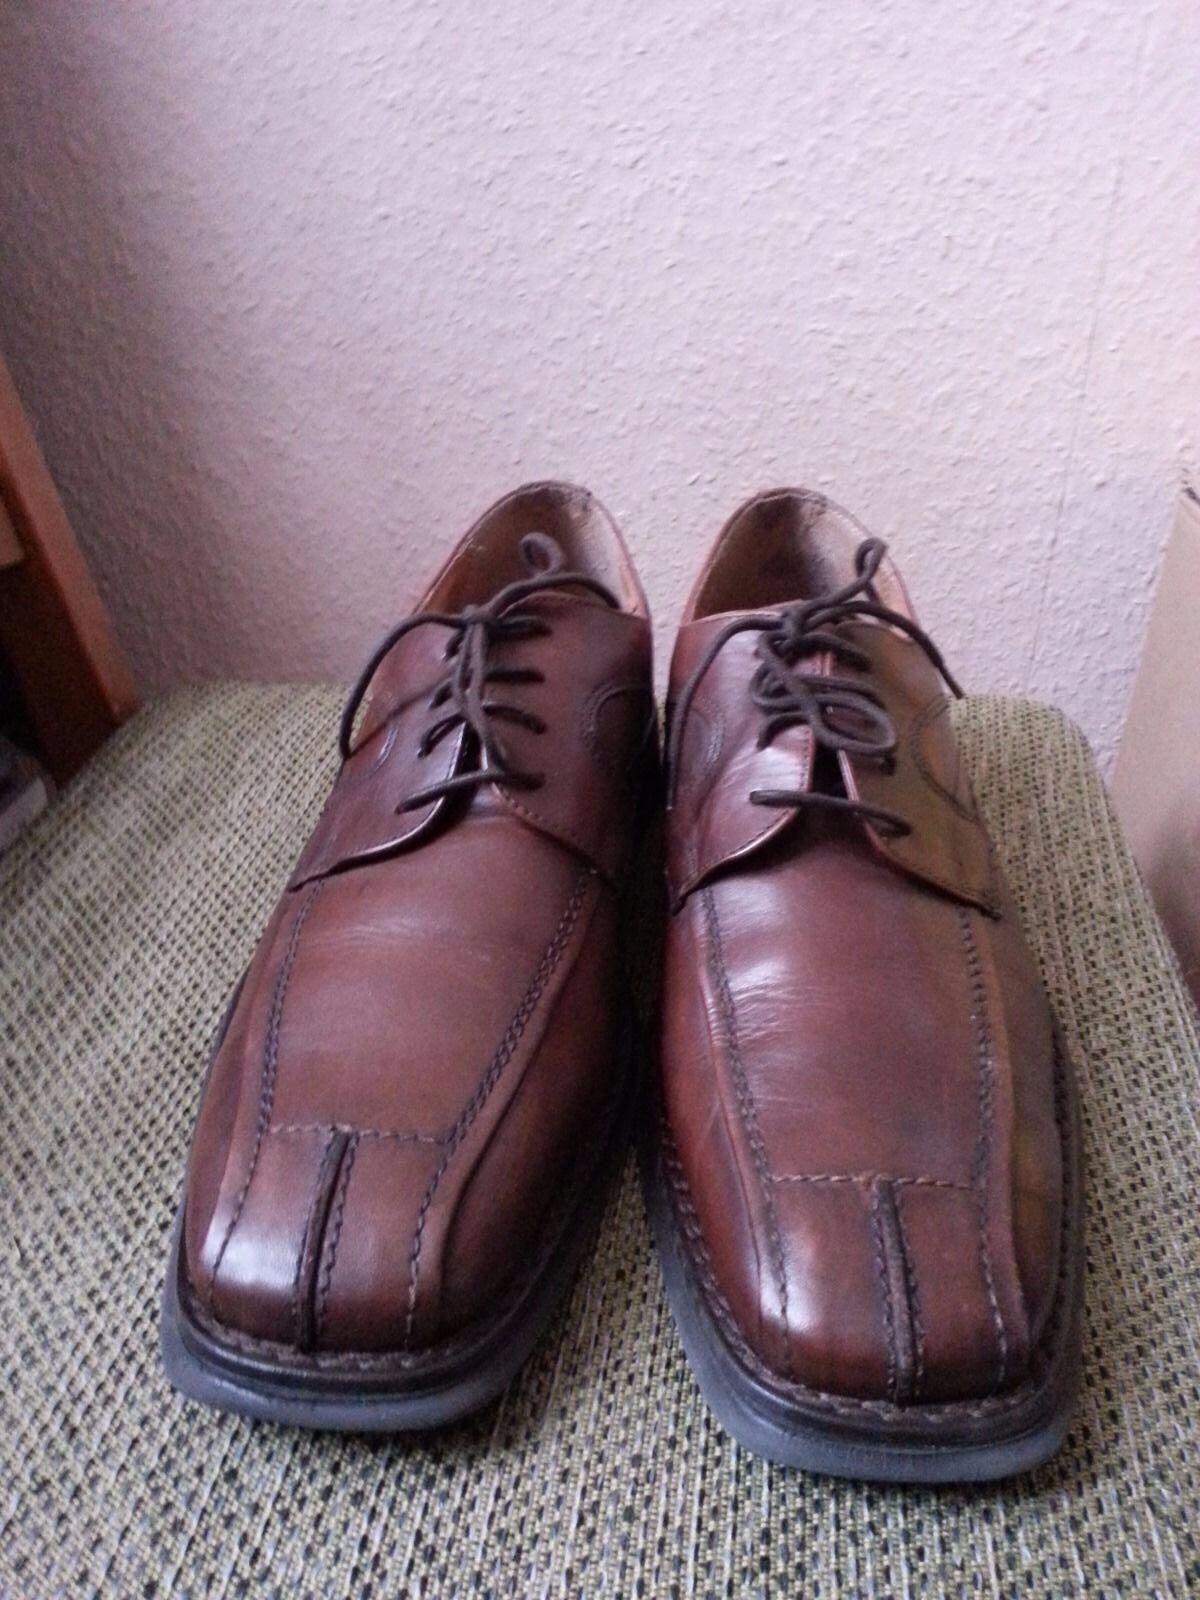 C&A Canda Herren Schuhe Schnürschuhe Gr 43 Obermaterial+ Futter echt Leder braun